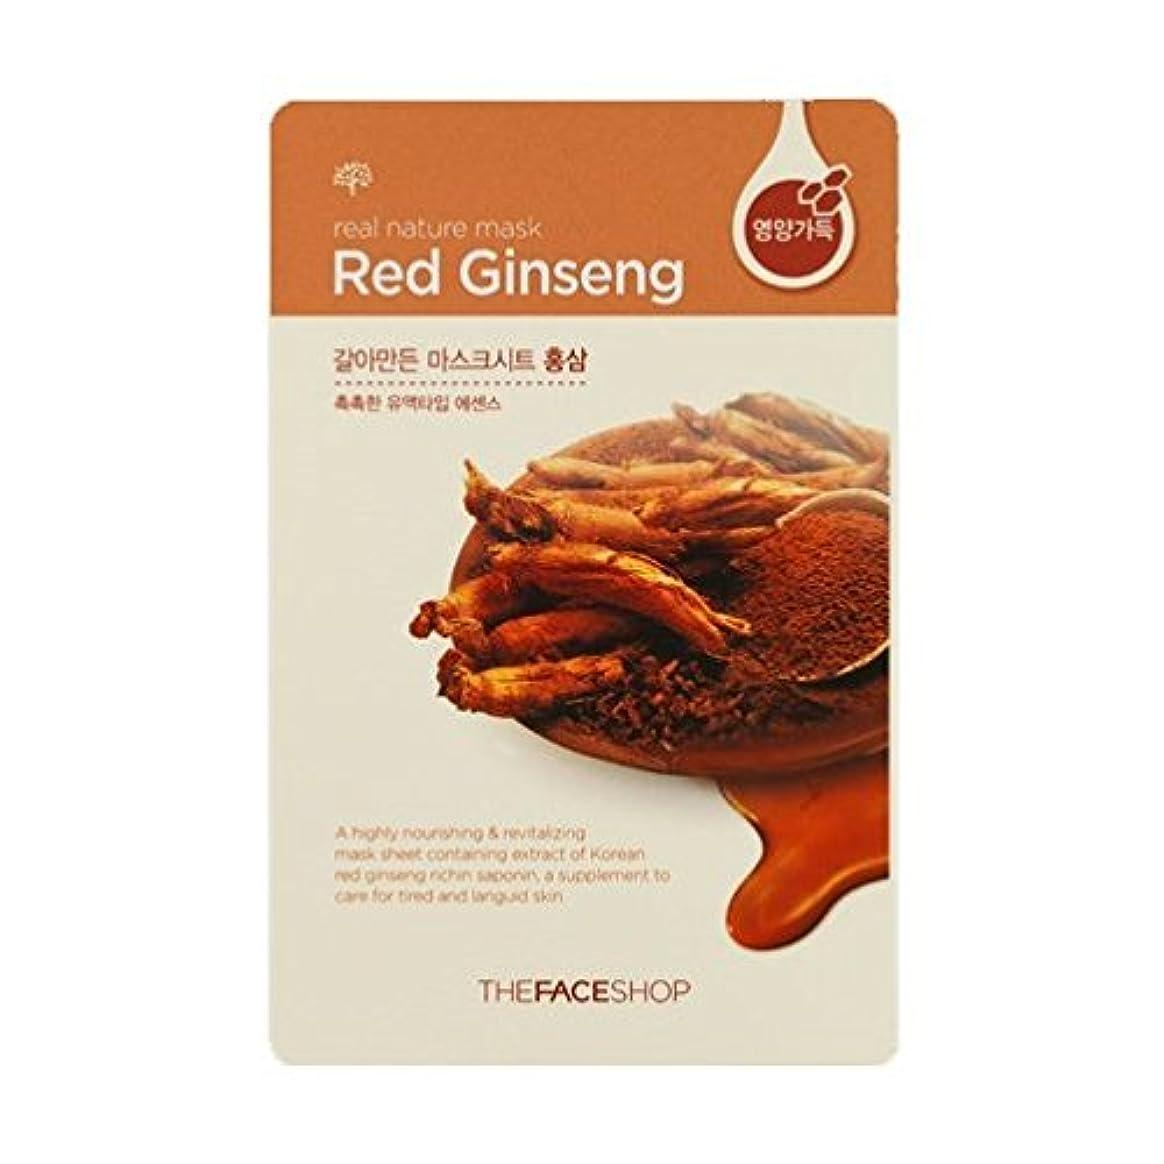 ビル移動するビーチ[ザフェイスショップ] THE FACE SHOP [リアルナチュラル マスクシート] (Real Nature Mask Sheet) (Mask Sheet Red ginseng 20枚) [並行輸入品]